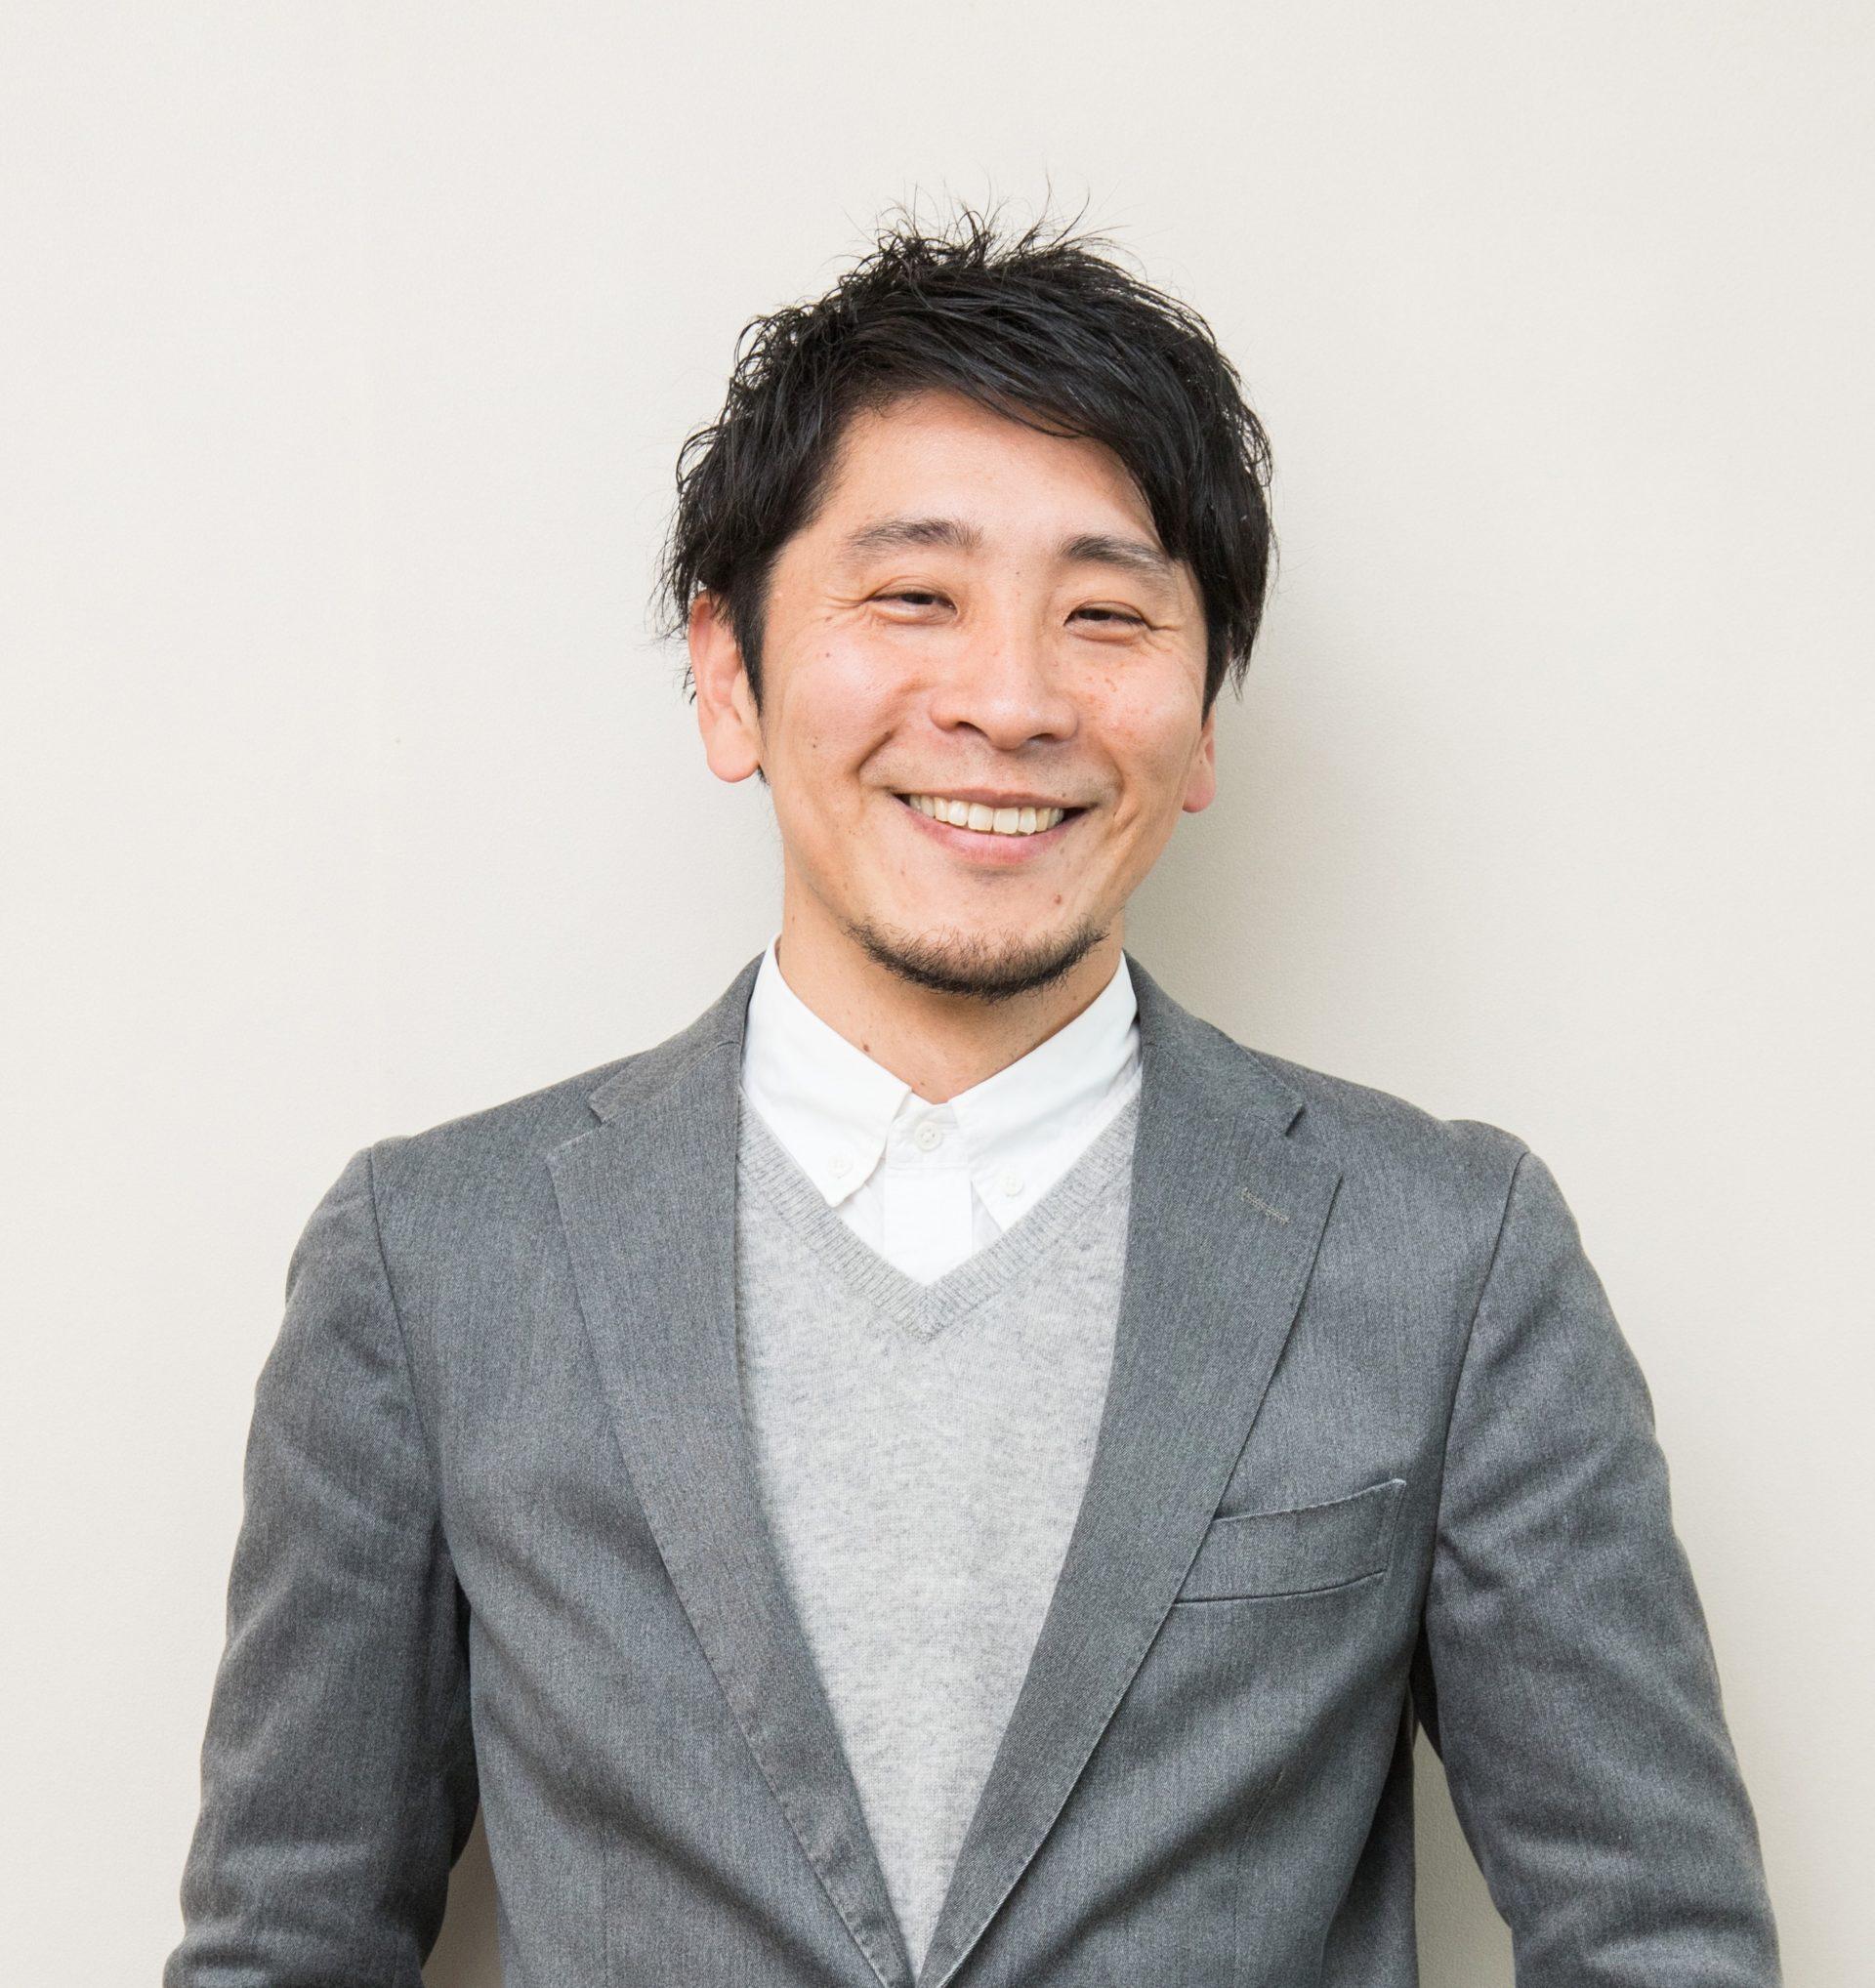 ファザーリング・ジャパン九州 代表理事 森島 孝